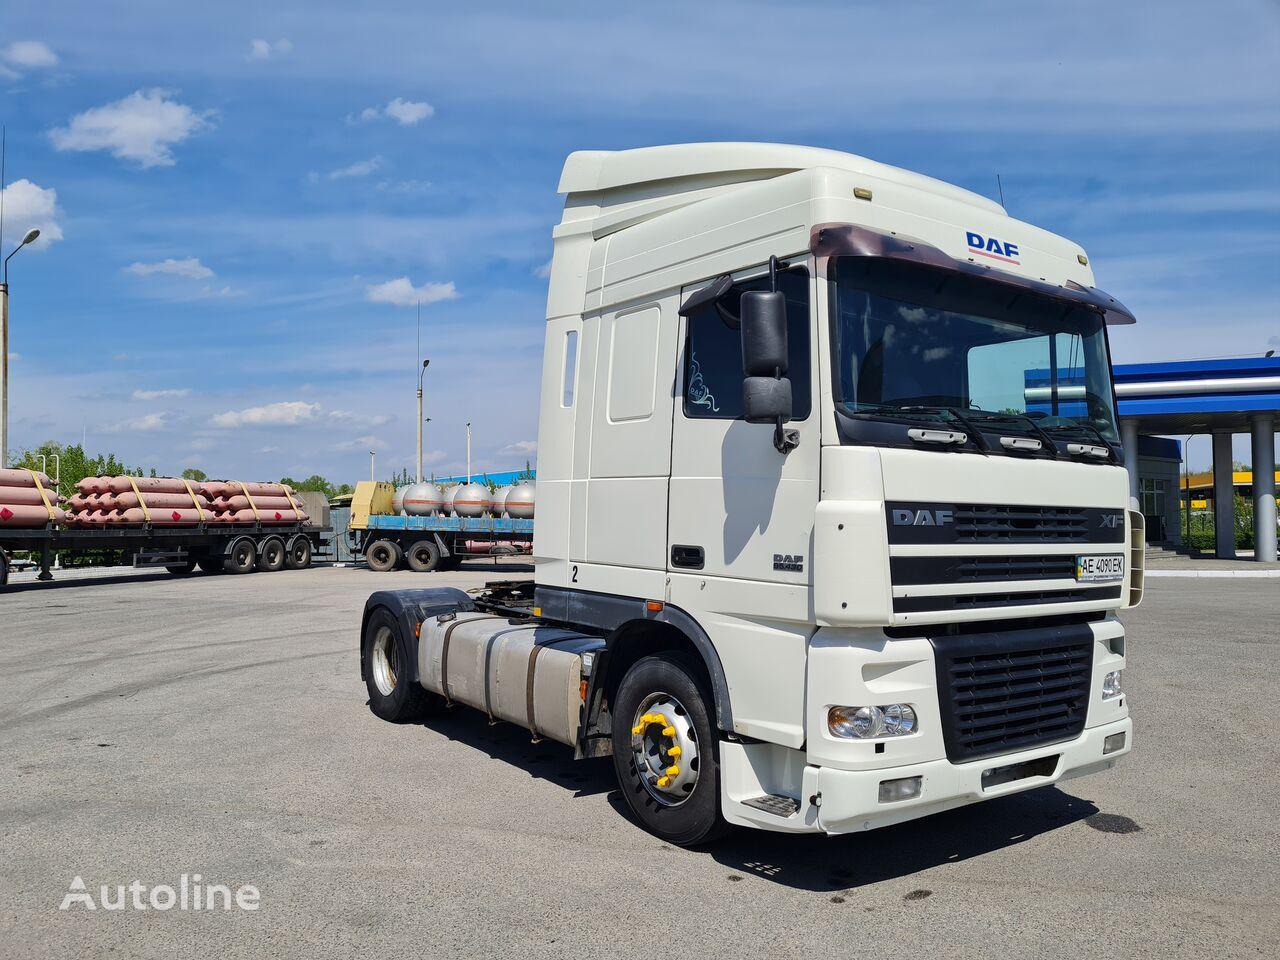 DAF XF95.430 tractora